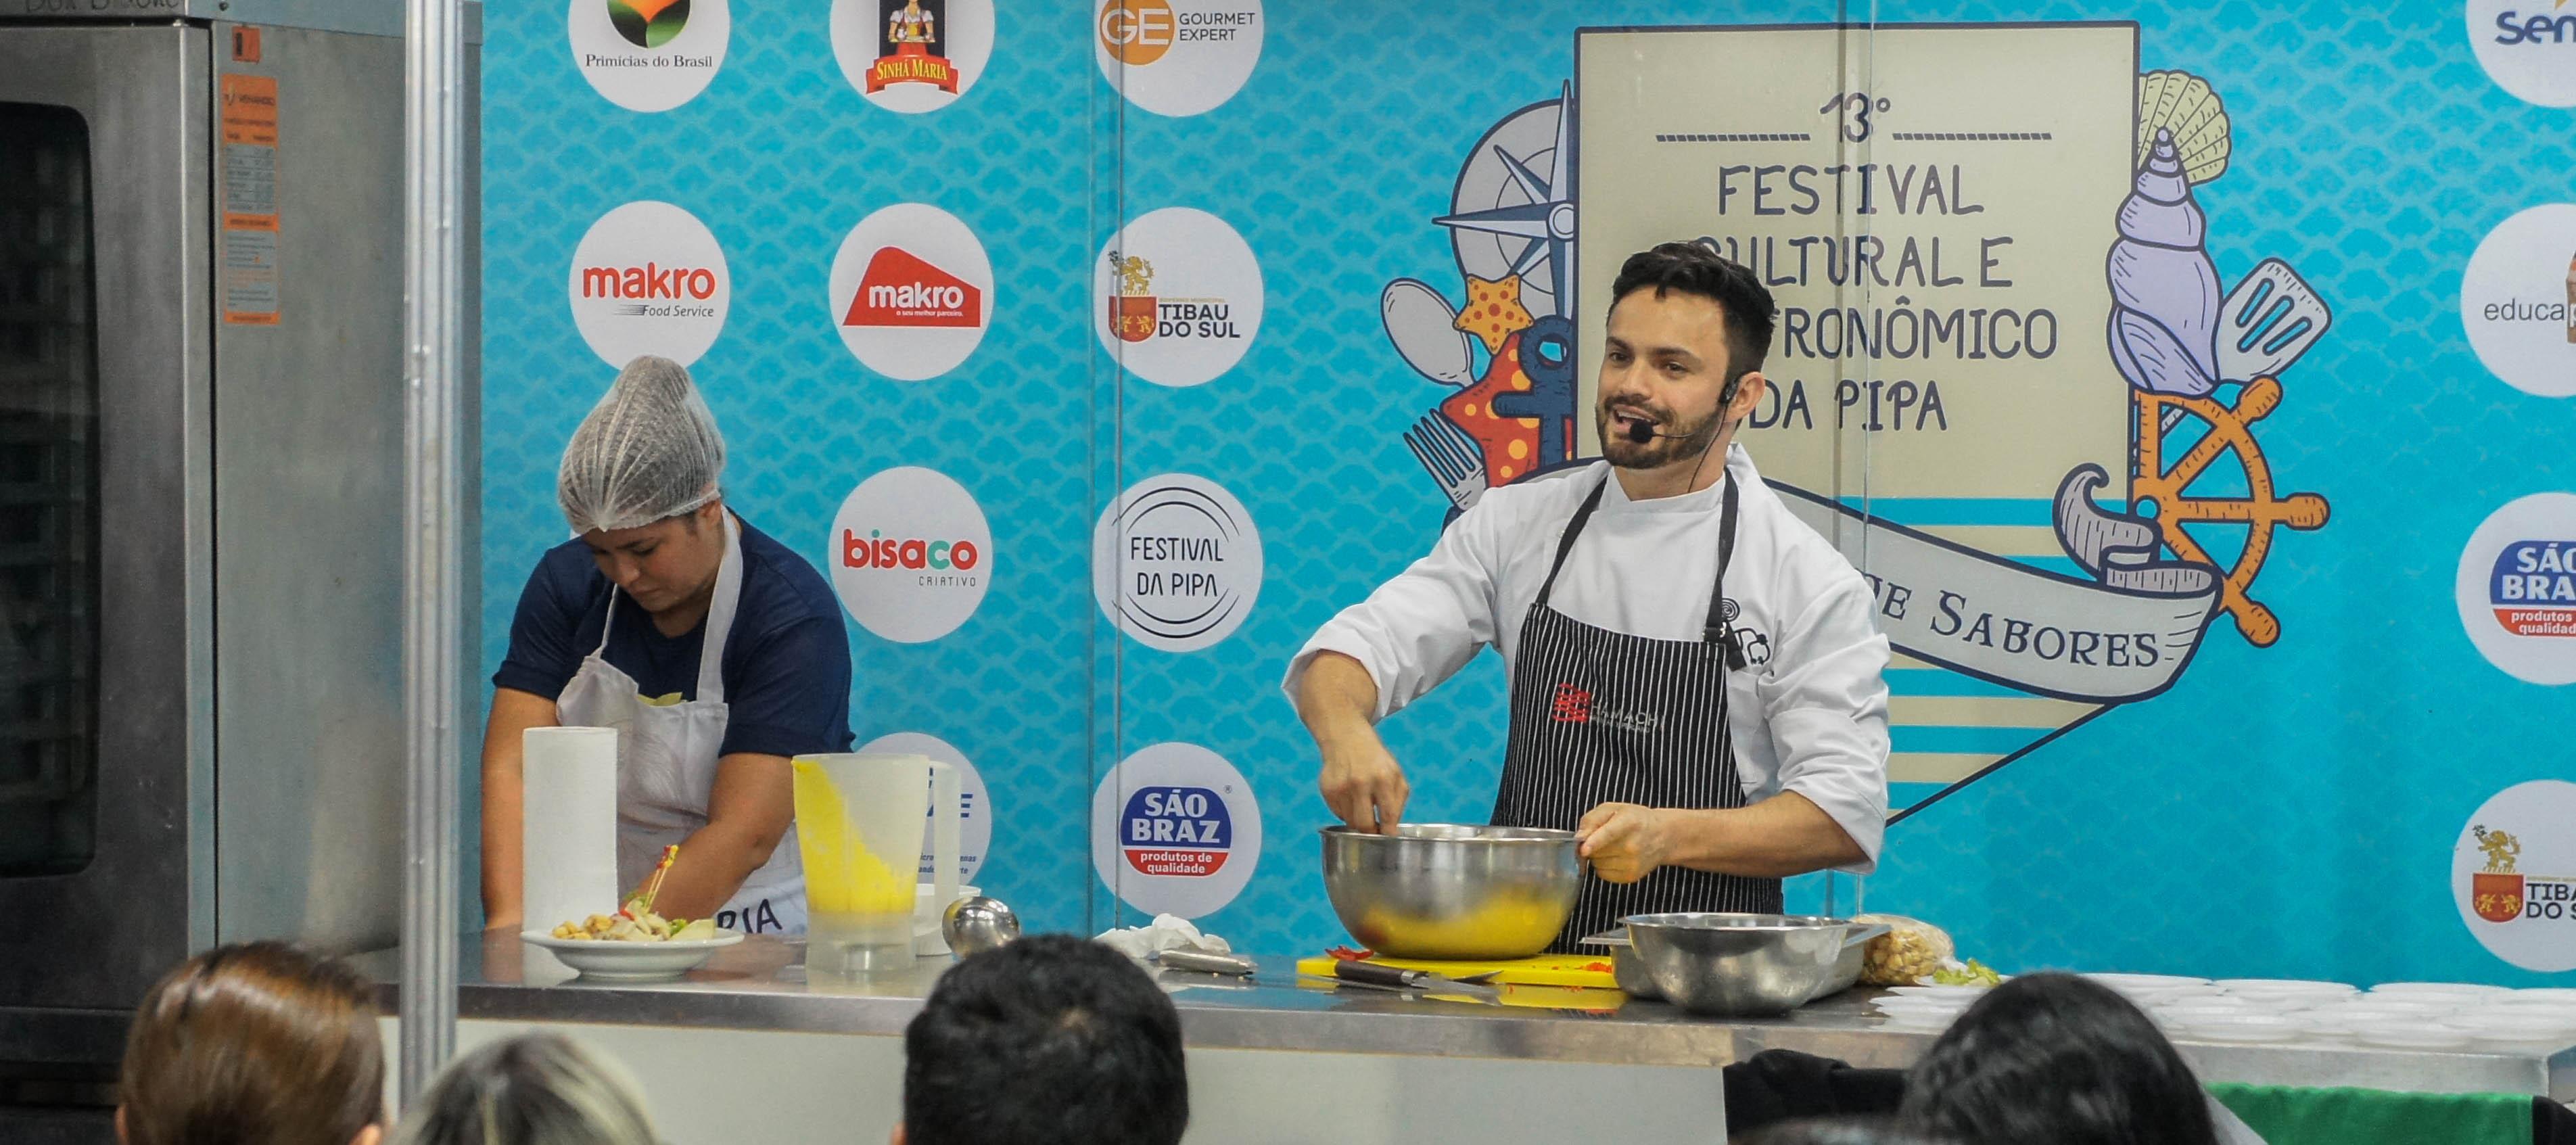 Chefs consagrados vão assinar menus no 14º Festival da Pipa